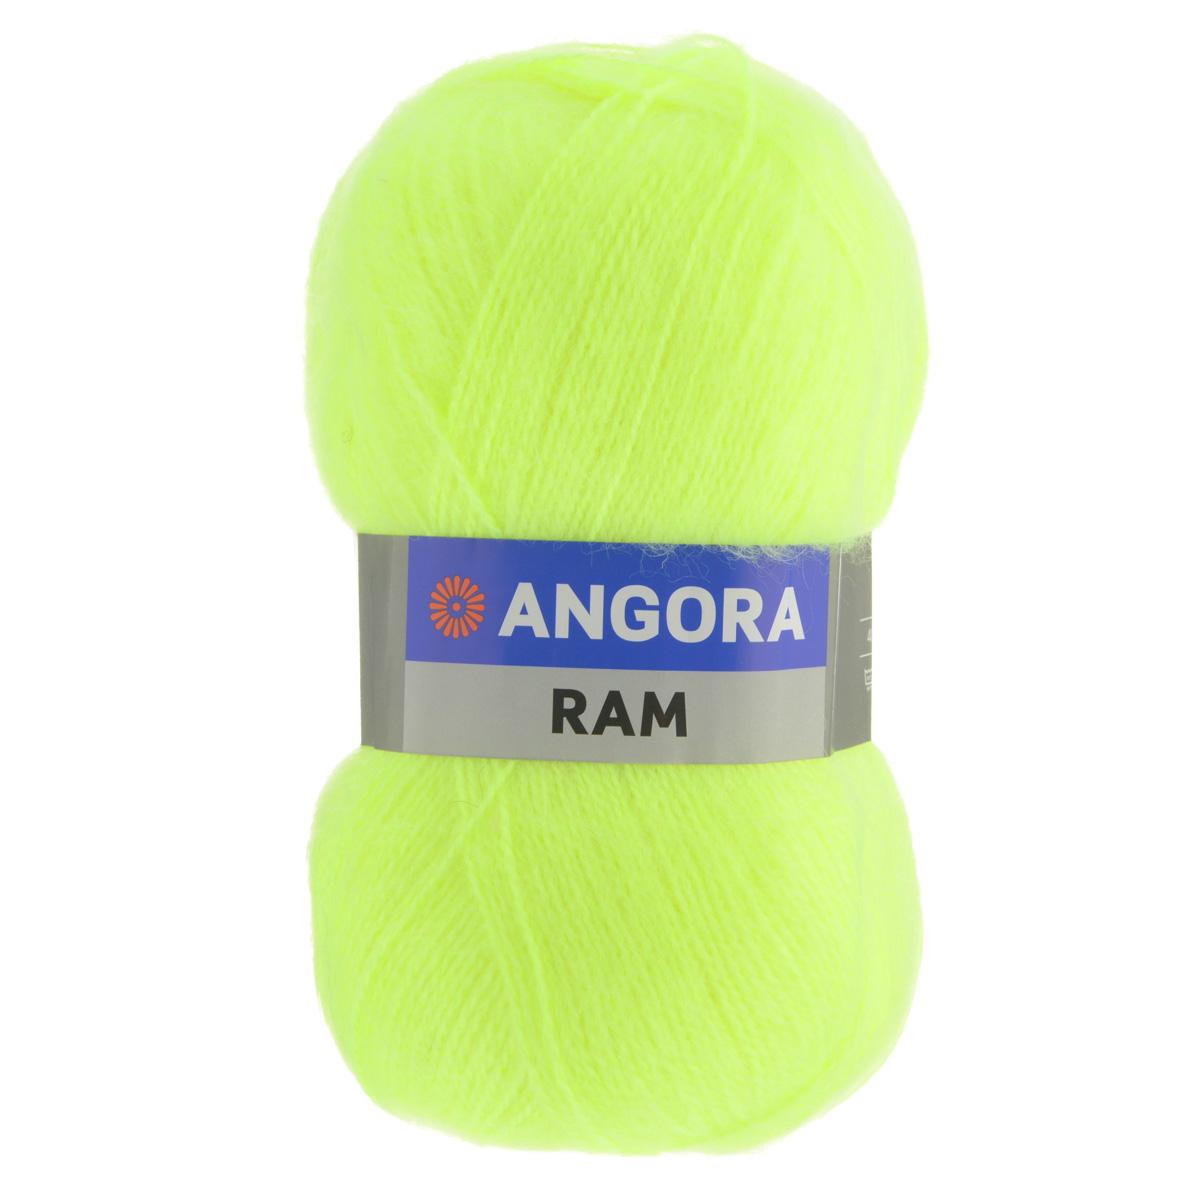 пряжа для вязания Yarnart Angora Ram цвет ярко салатовый 8232